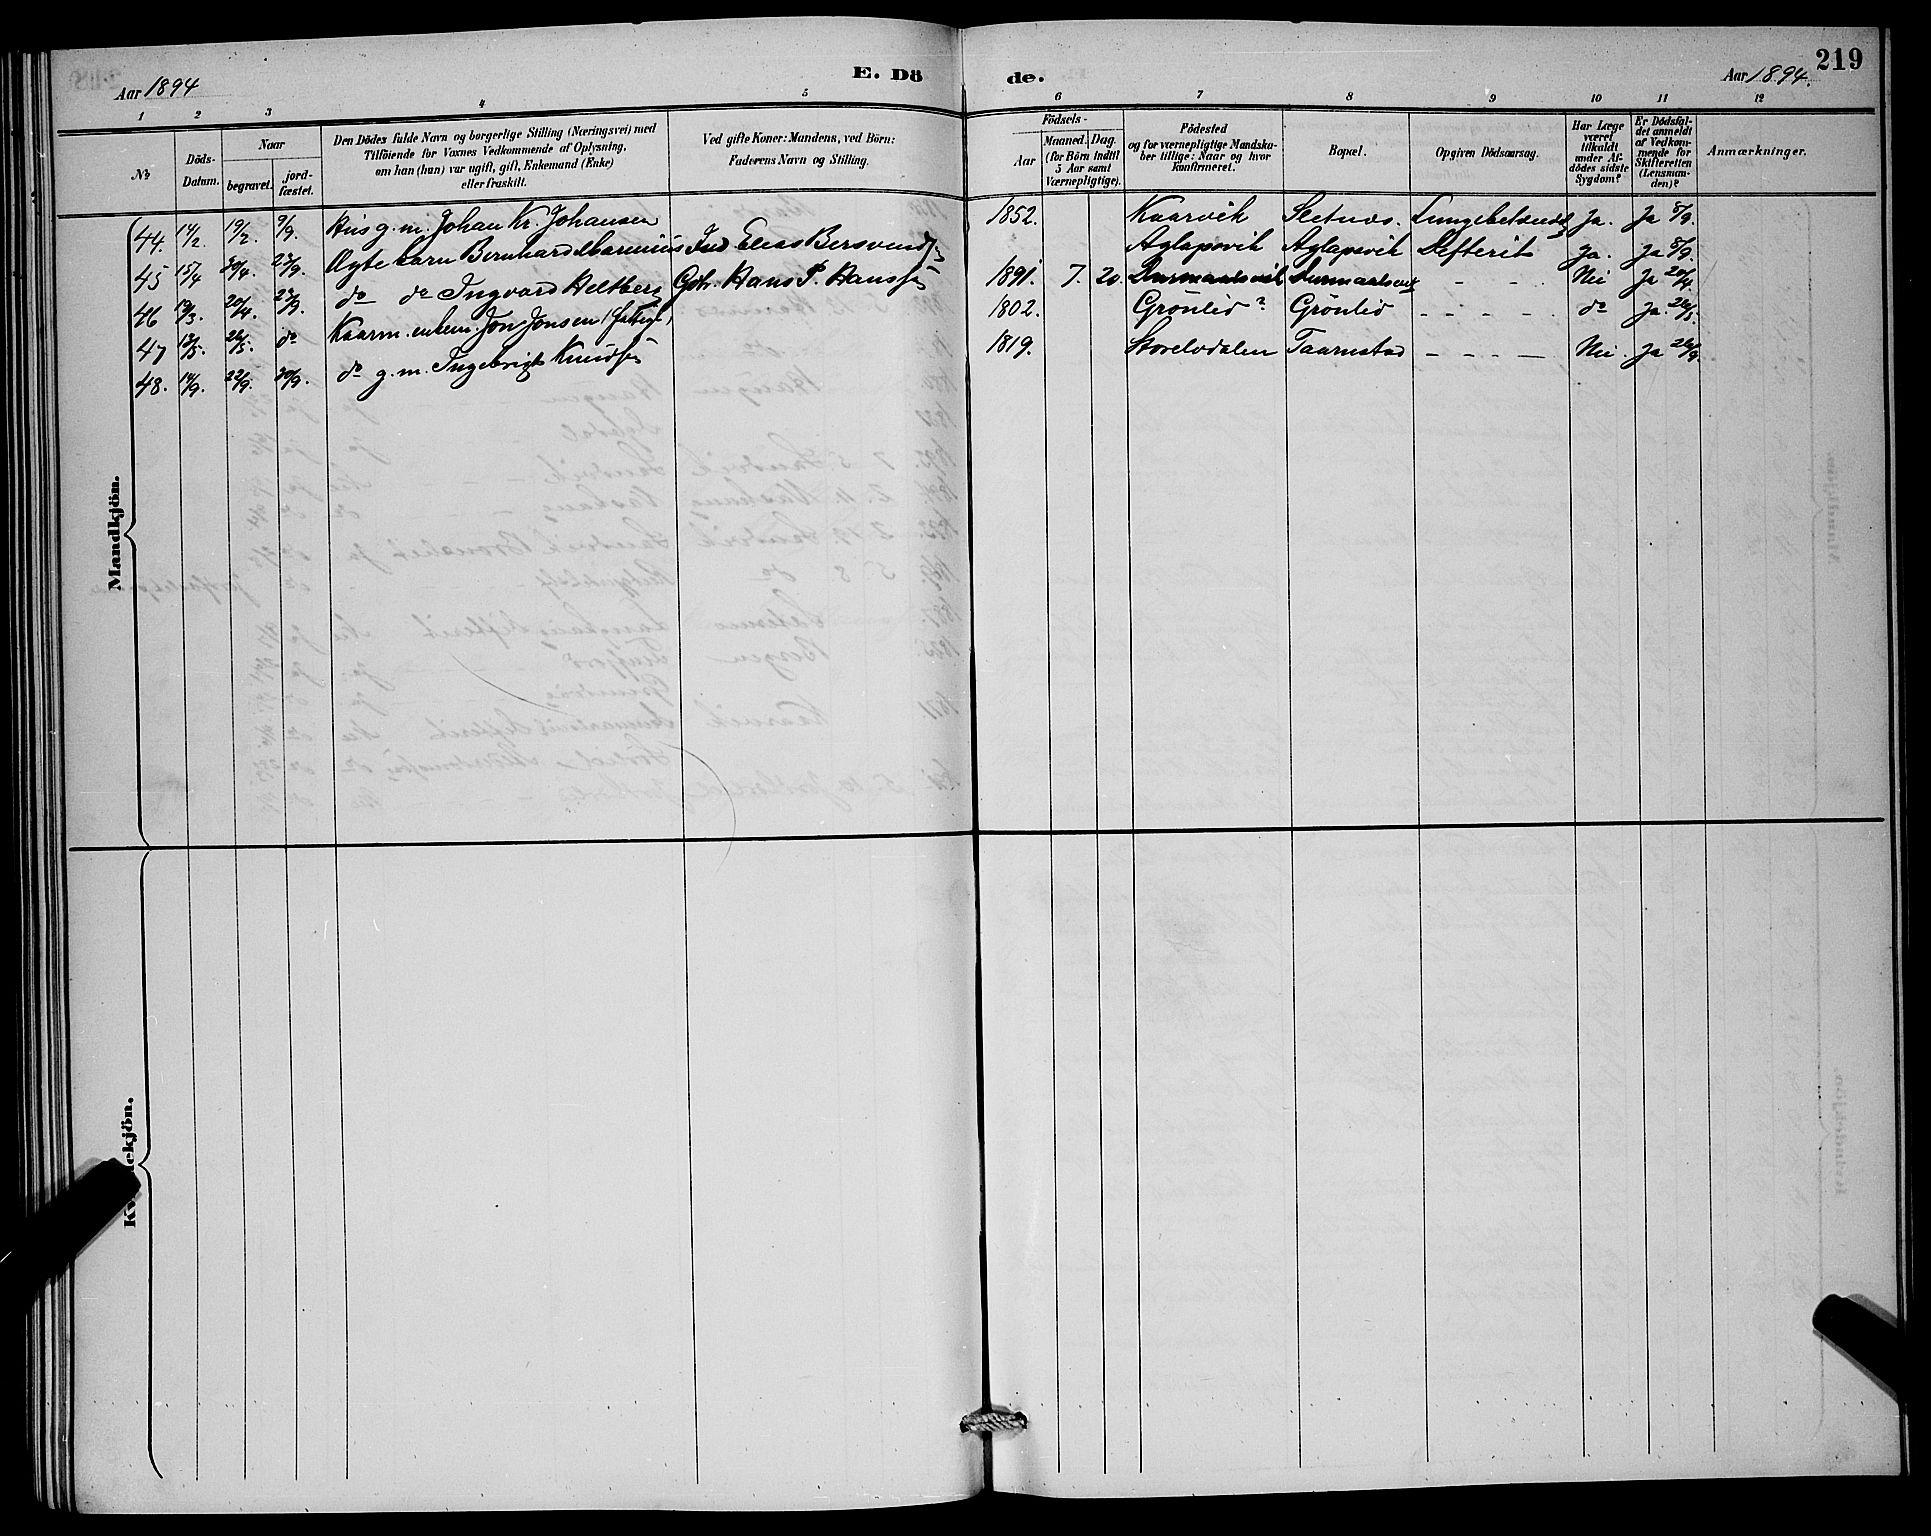 SATØ, Lenvik sokneprestembete, H/Ha: Klokkerbok nr. 7, 1890-1898, s. 219